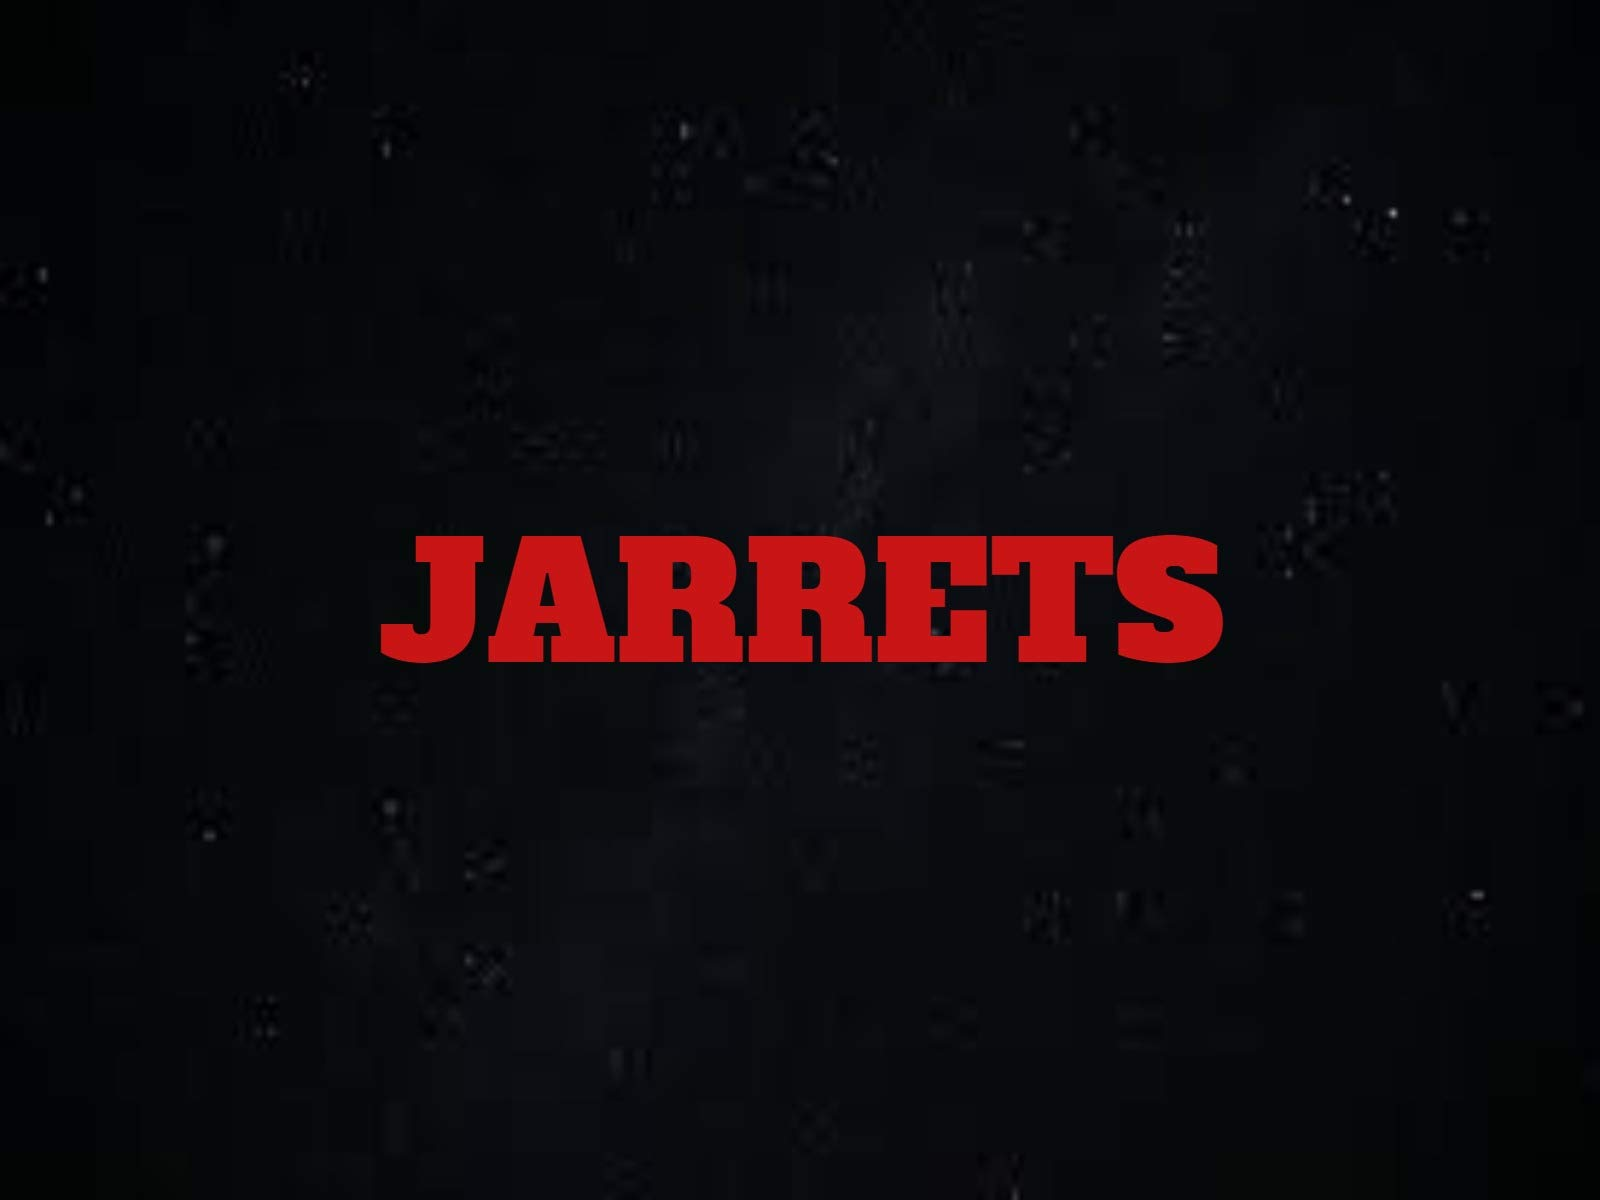 JARRETTS